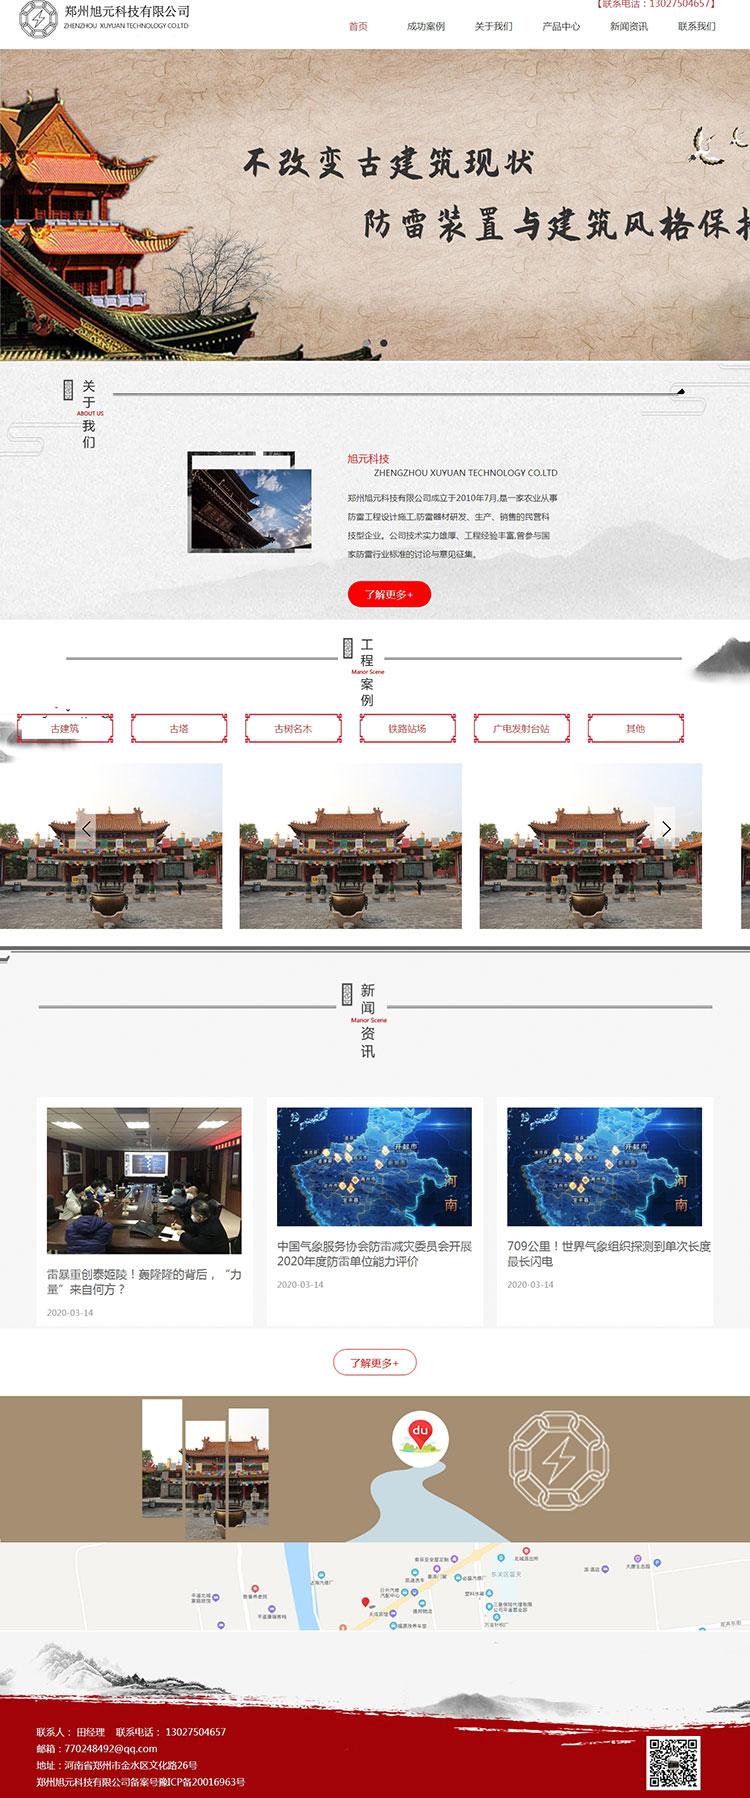 郑州旭元科技有限公司3.jpg